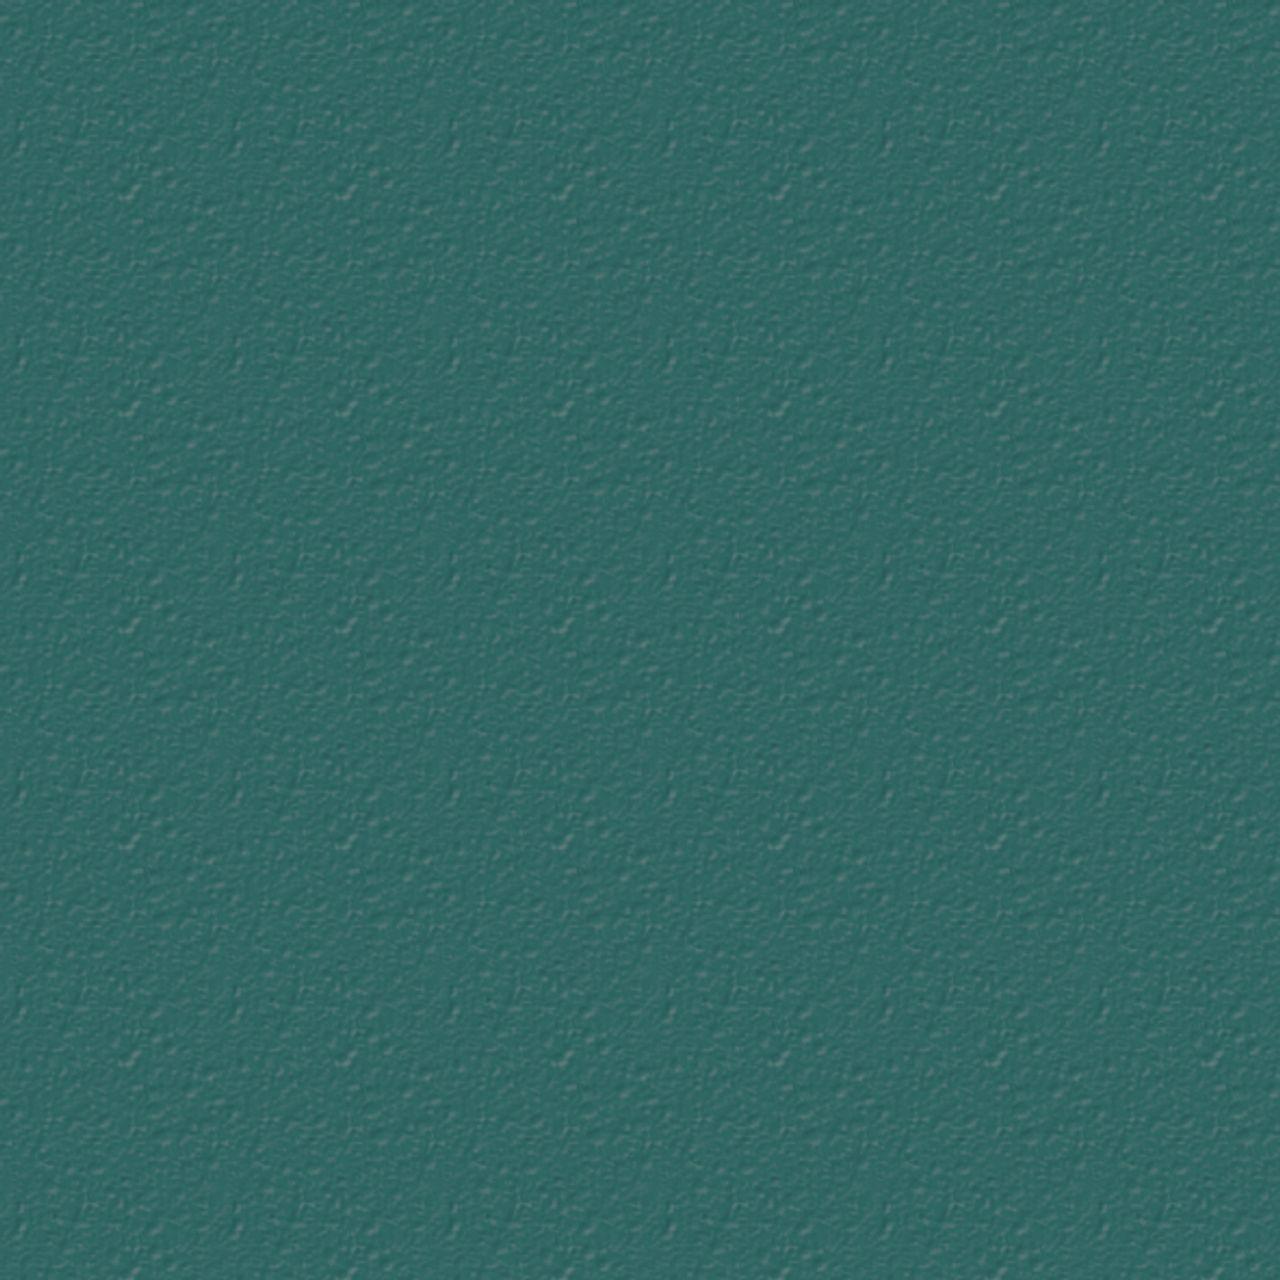 K28.6.2 Mid Green